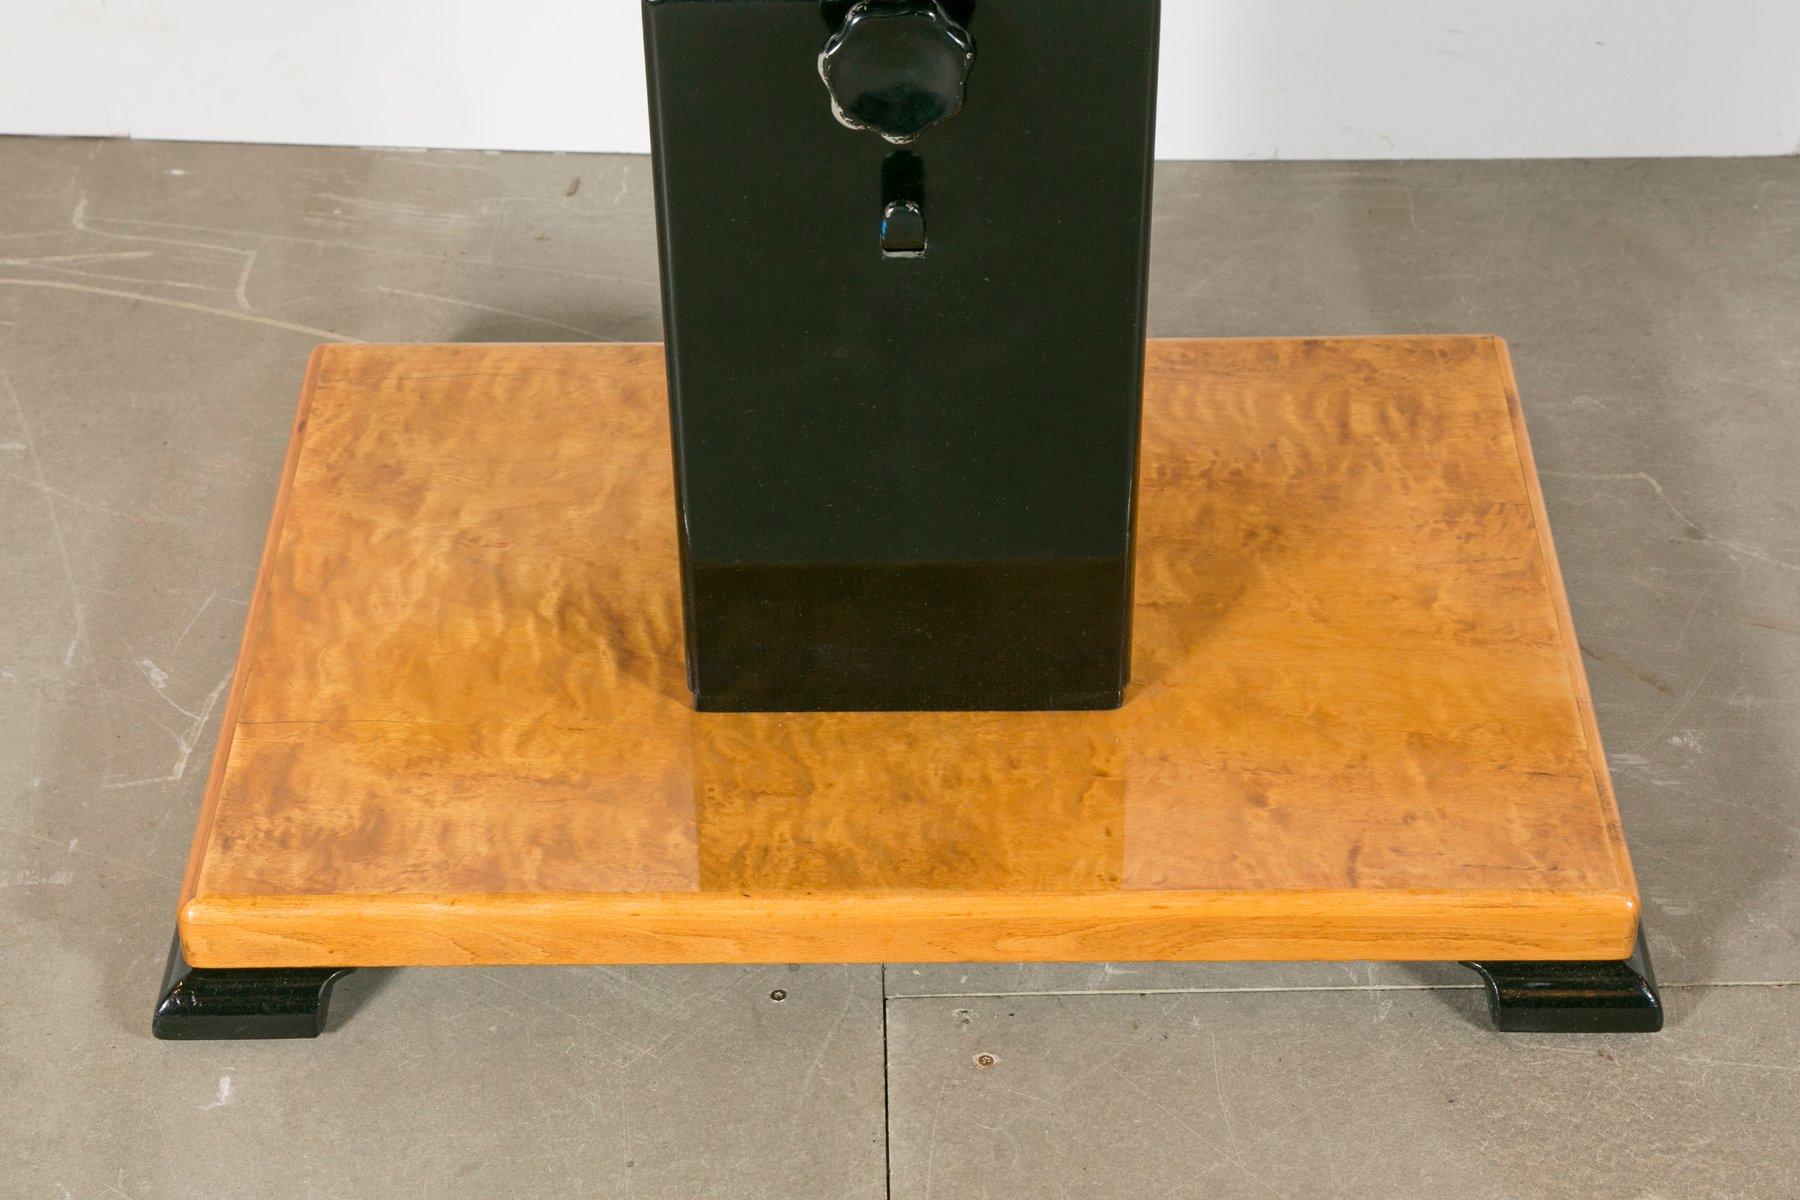 verstellbarer tisch von otto wretling 1936 bei pamono kaufen. Black Bedroom Furniture Sets. Home Design Ideas